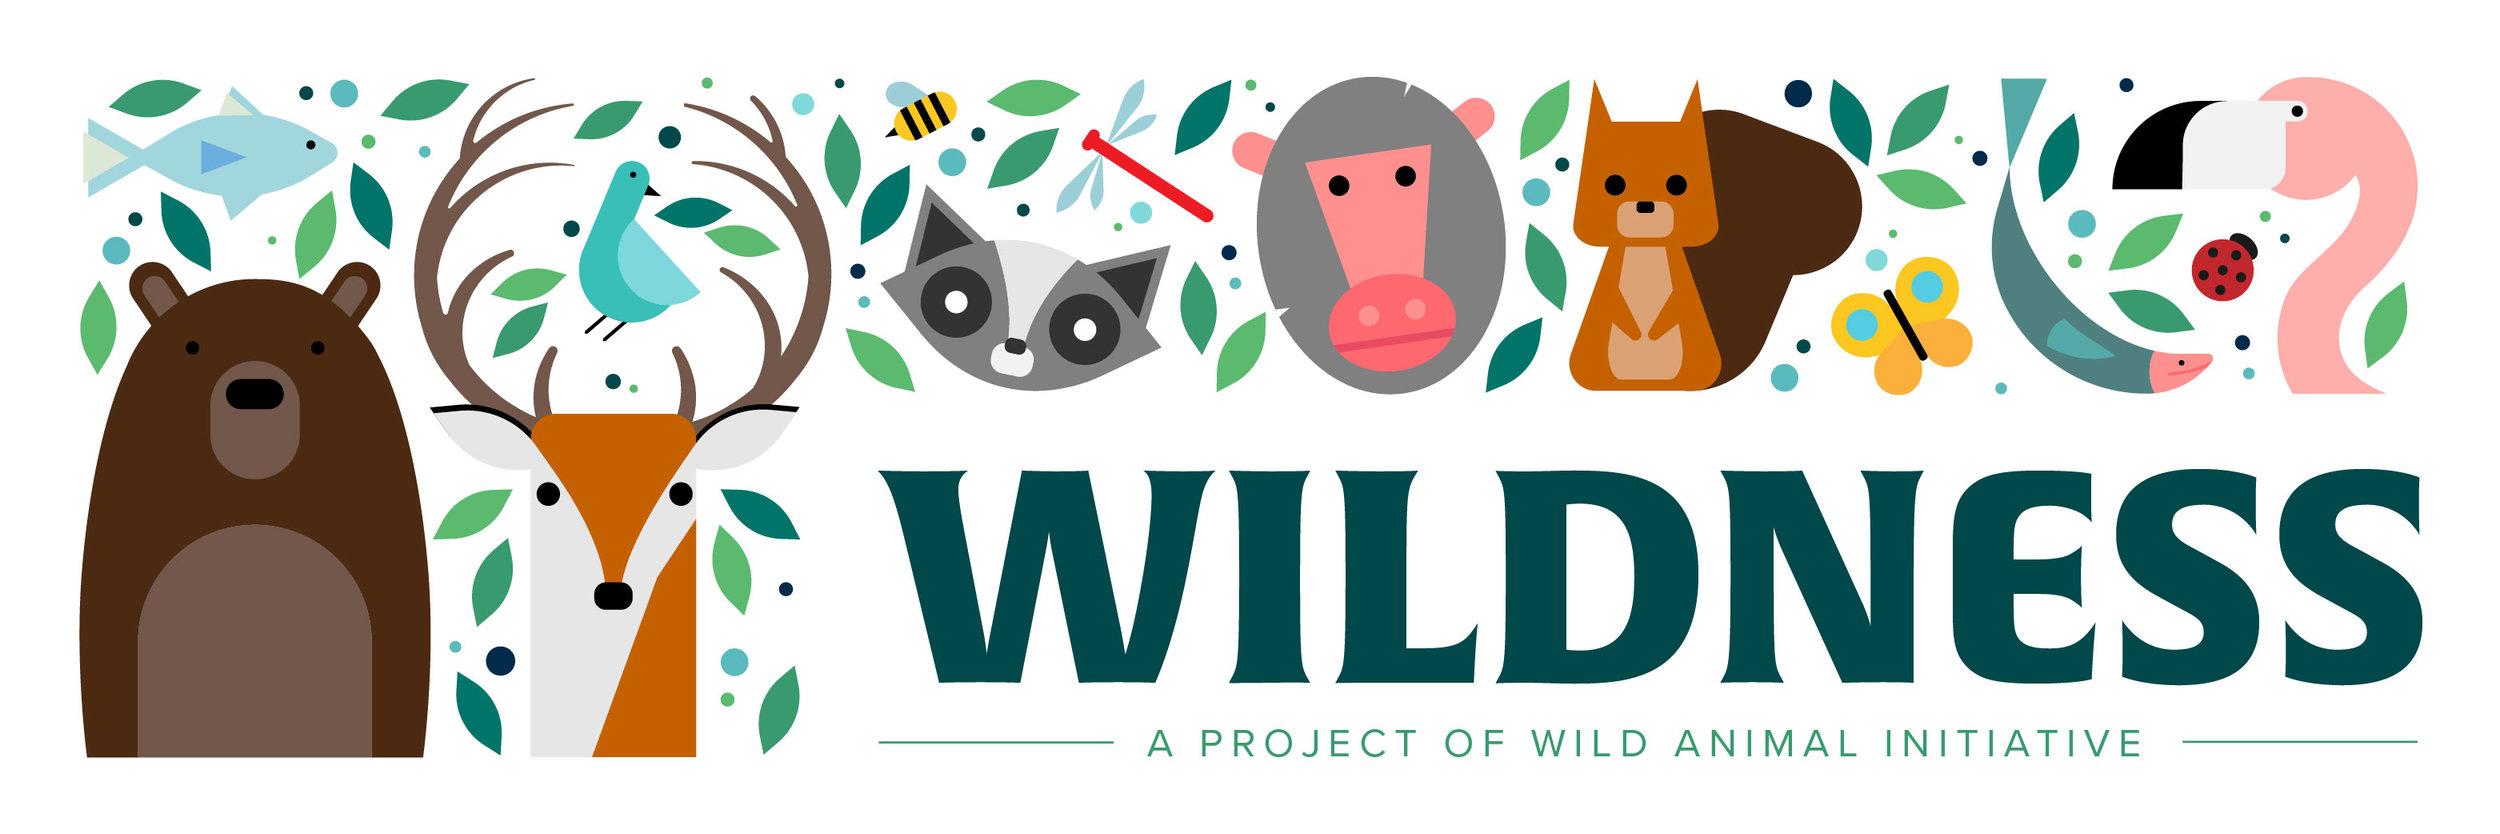 WAI-Wildness-Twitter-Banner-Web-01.jpg